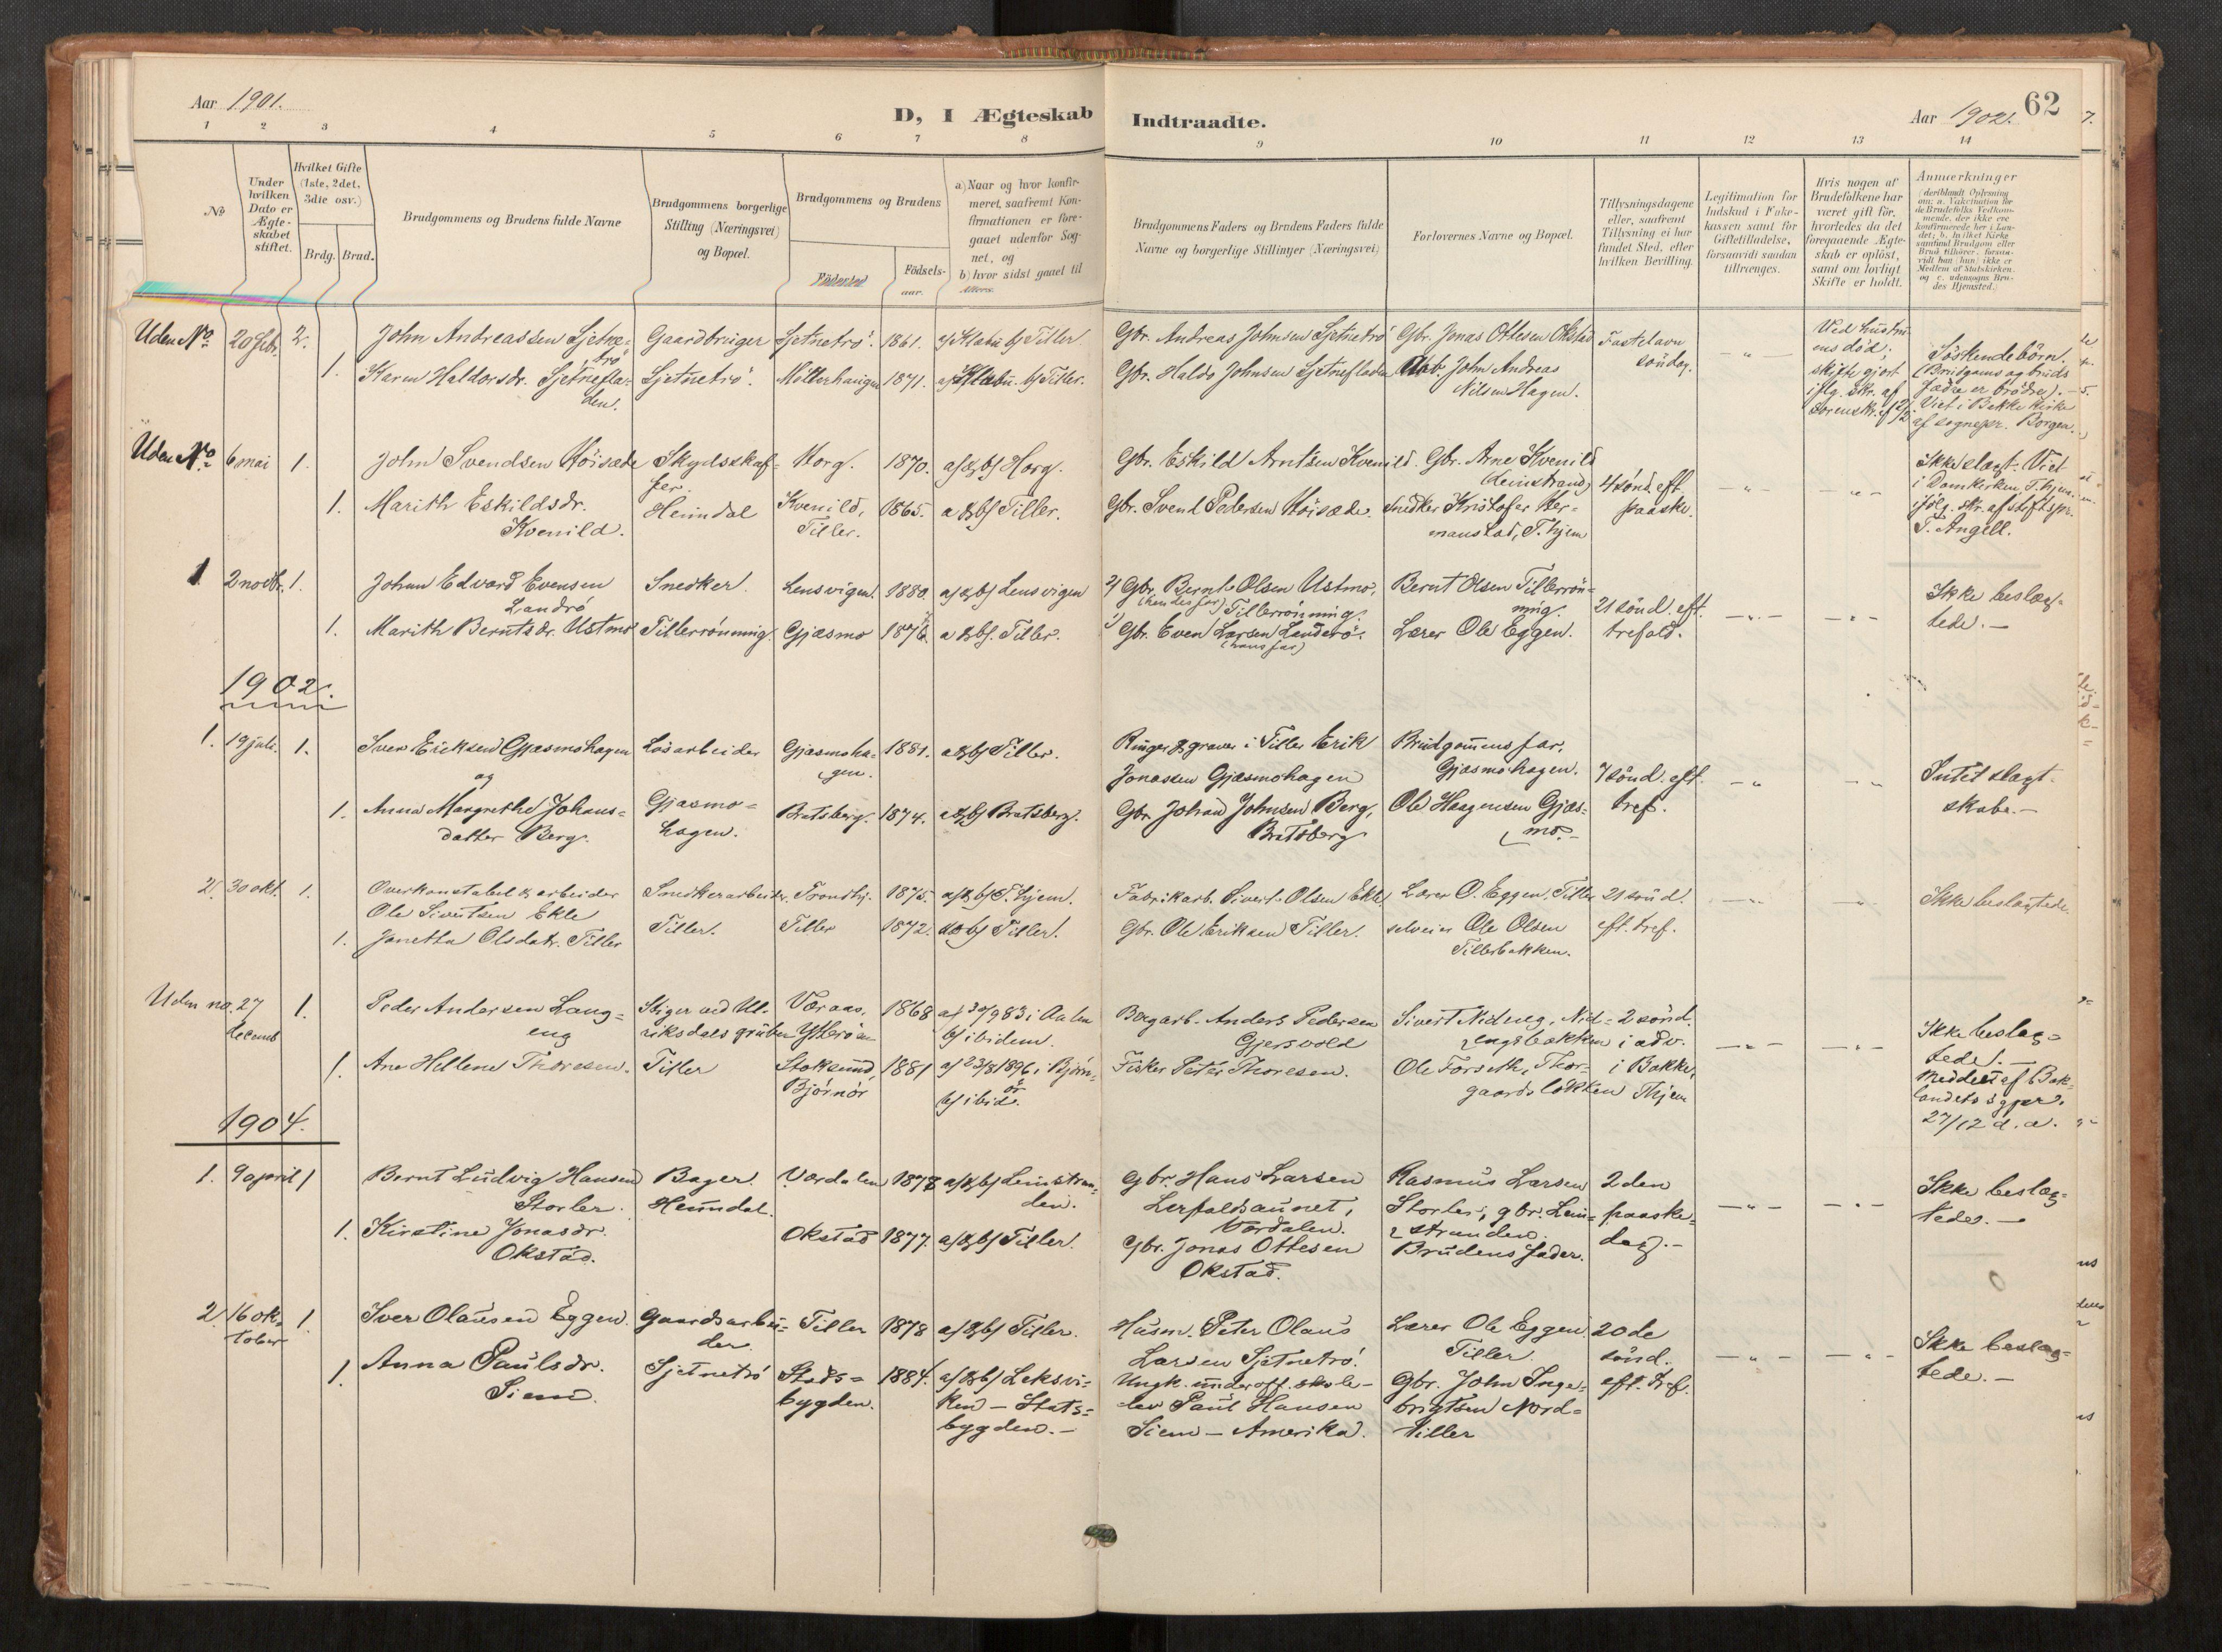 SAT, Klæbu sokneprestkontor, Parish register (official) no. 2, 1900-1916, p. 62